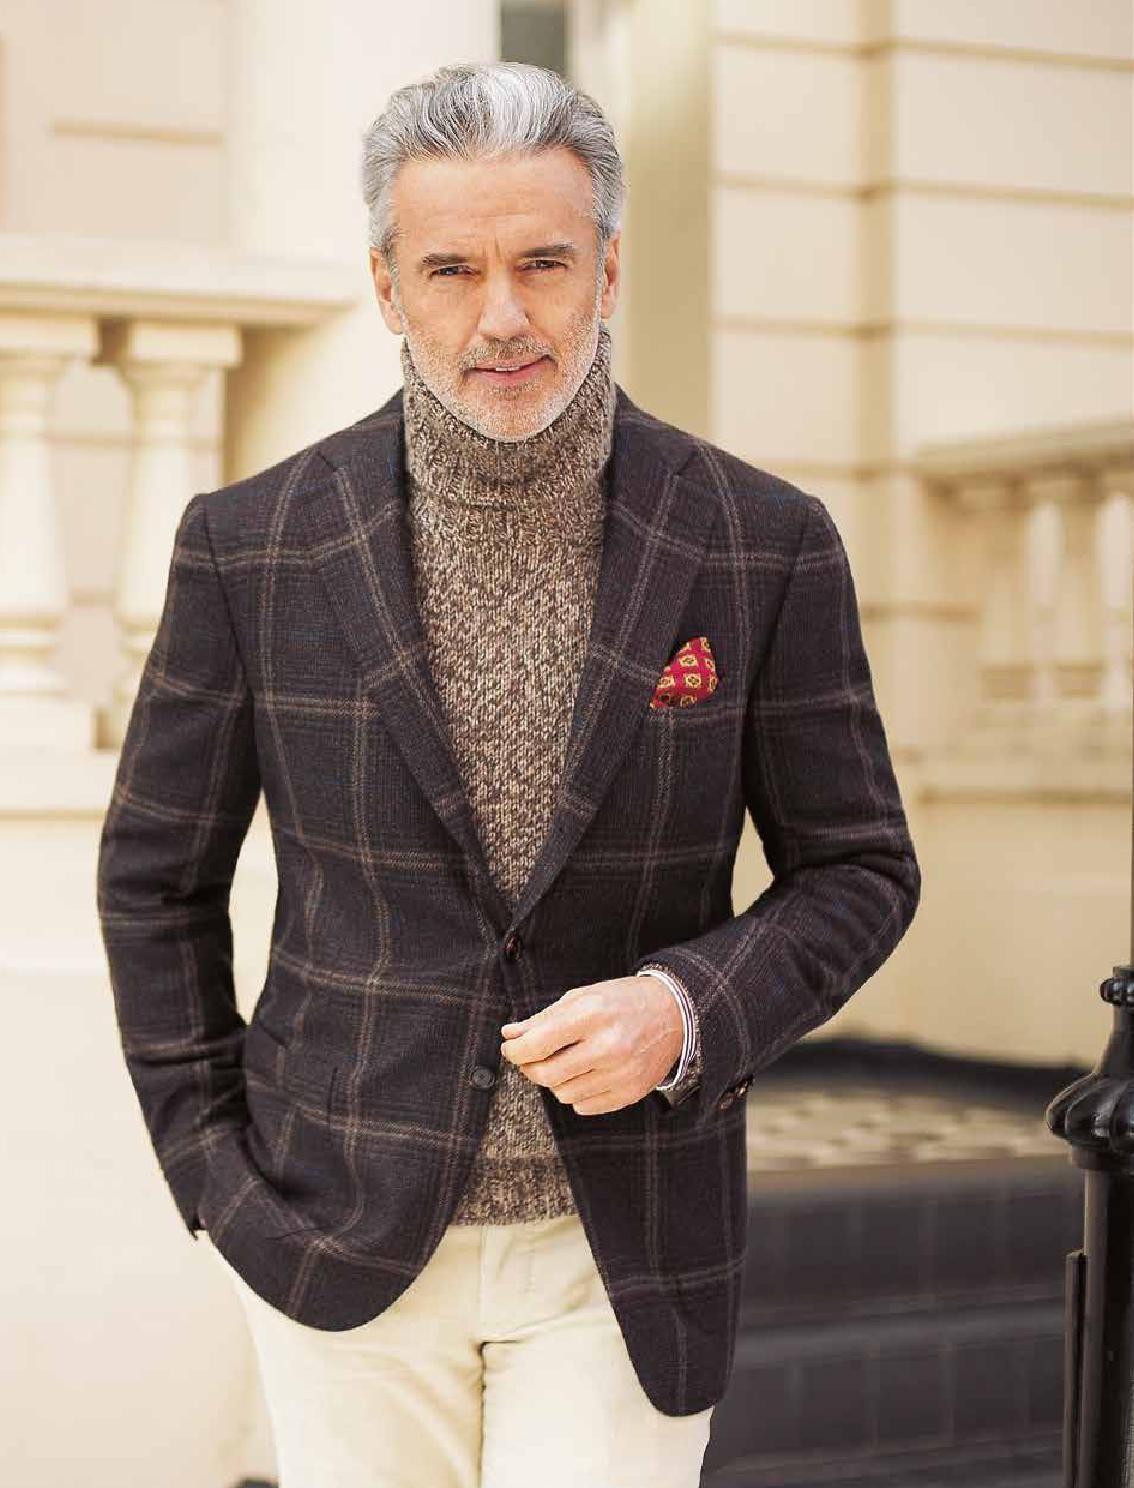 Vestiti Eleganti In Inglese.London Lifestyle Moda Maschile Casual Moda Uomo Inverno E